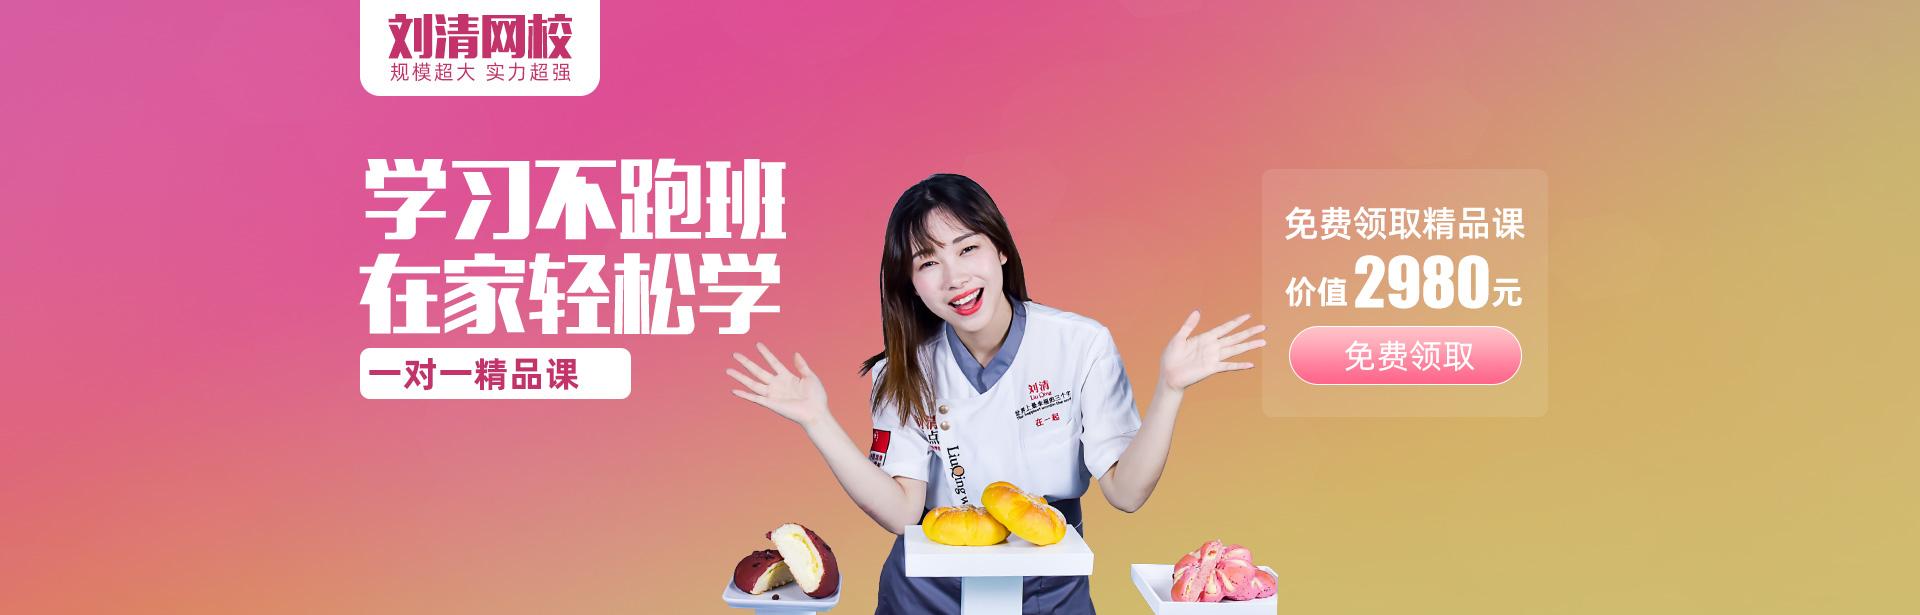 刘清专业蛋糕培训网校